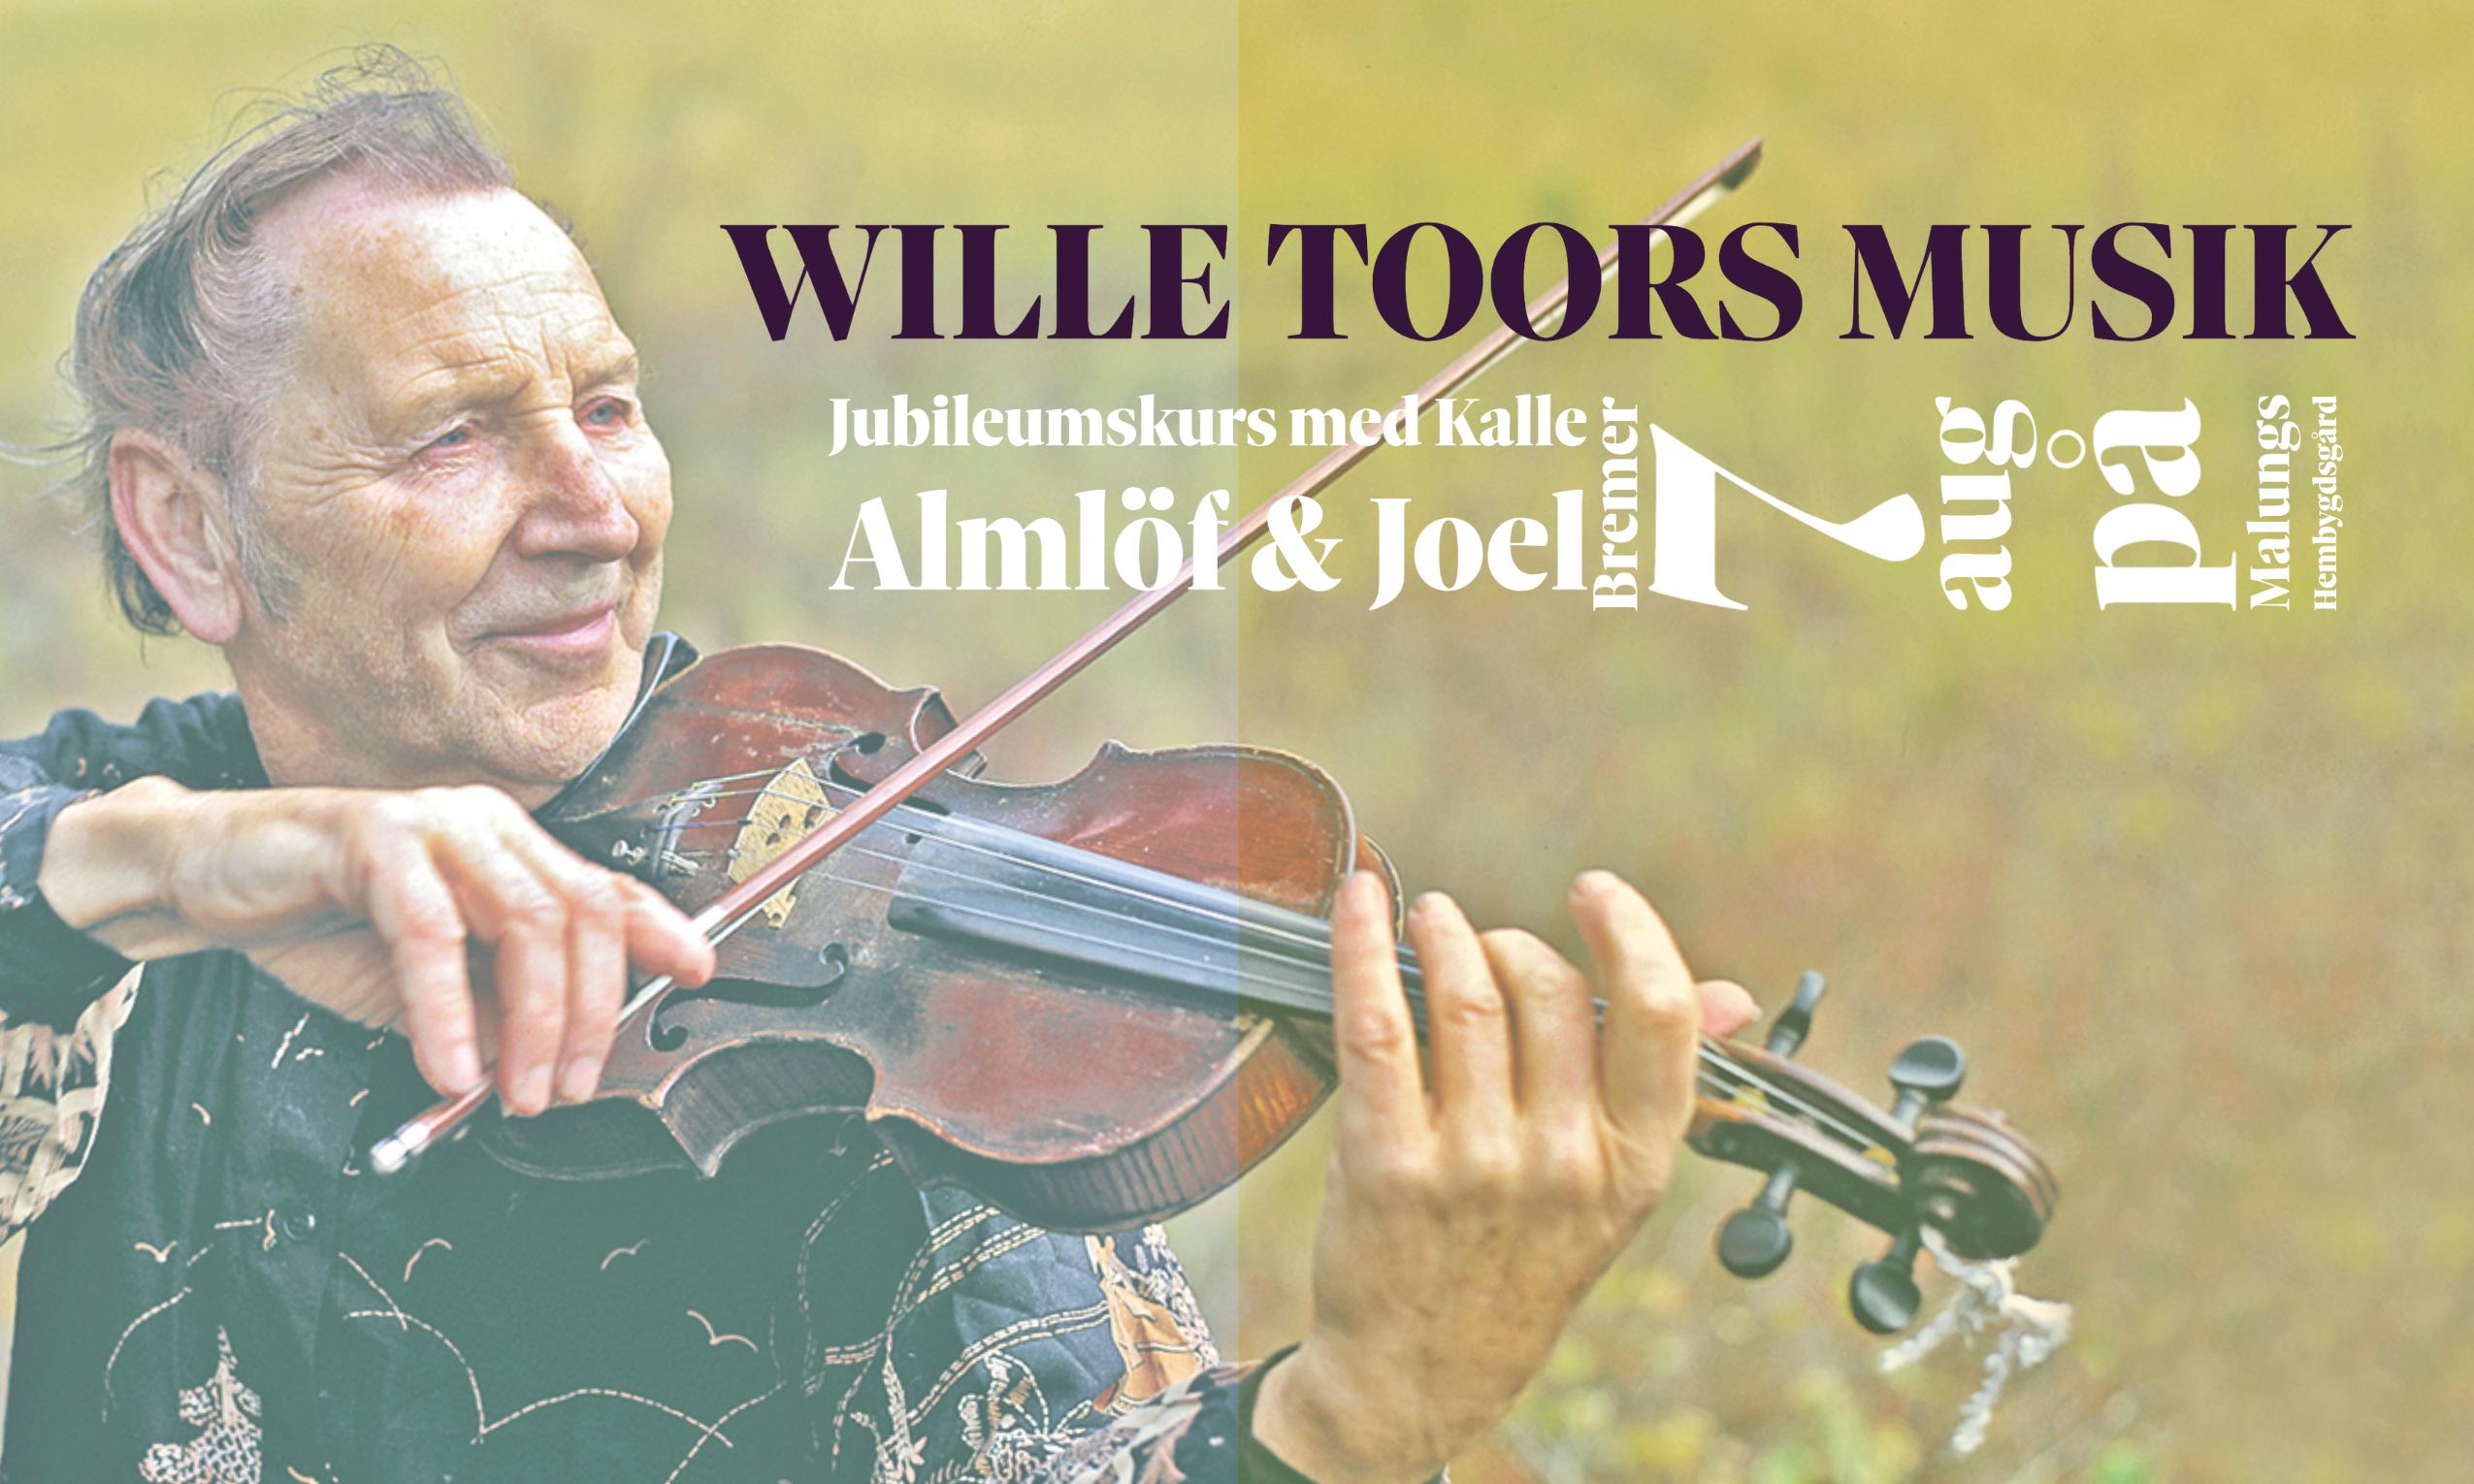 Låtkurs: Wille Toors musik